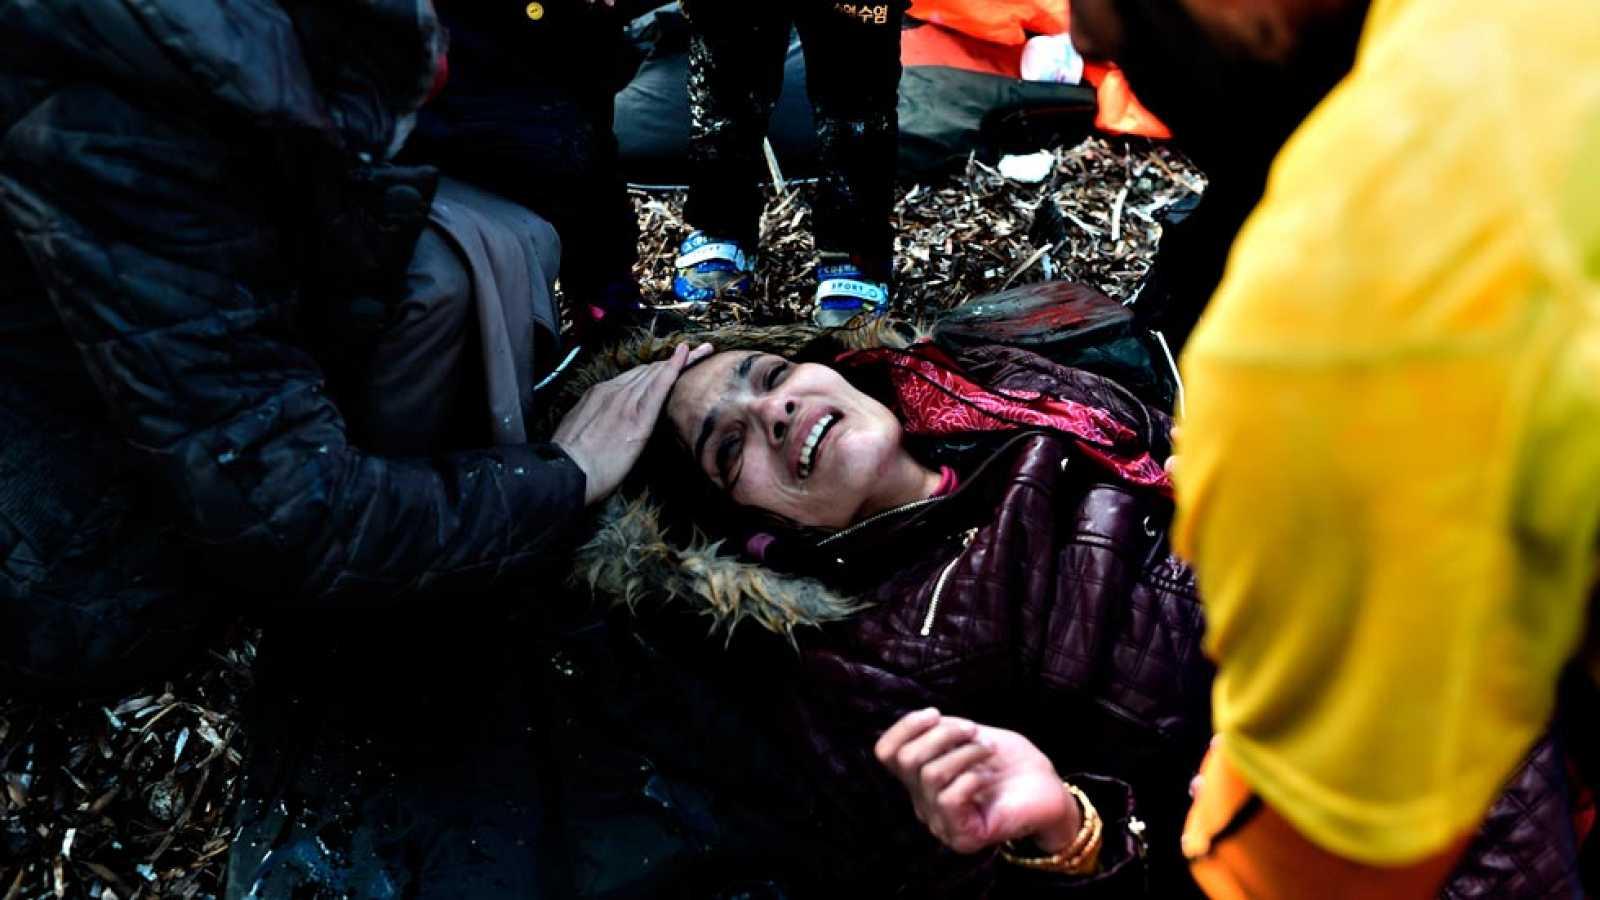 Los equipos de rescate siguen buscando supervivientes del último naufragio en Lesbos